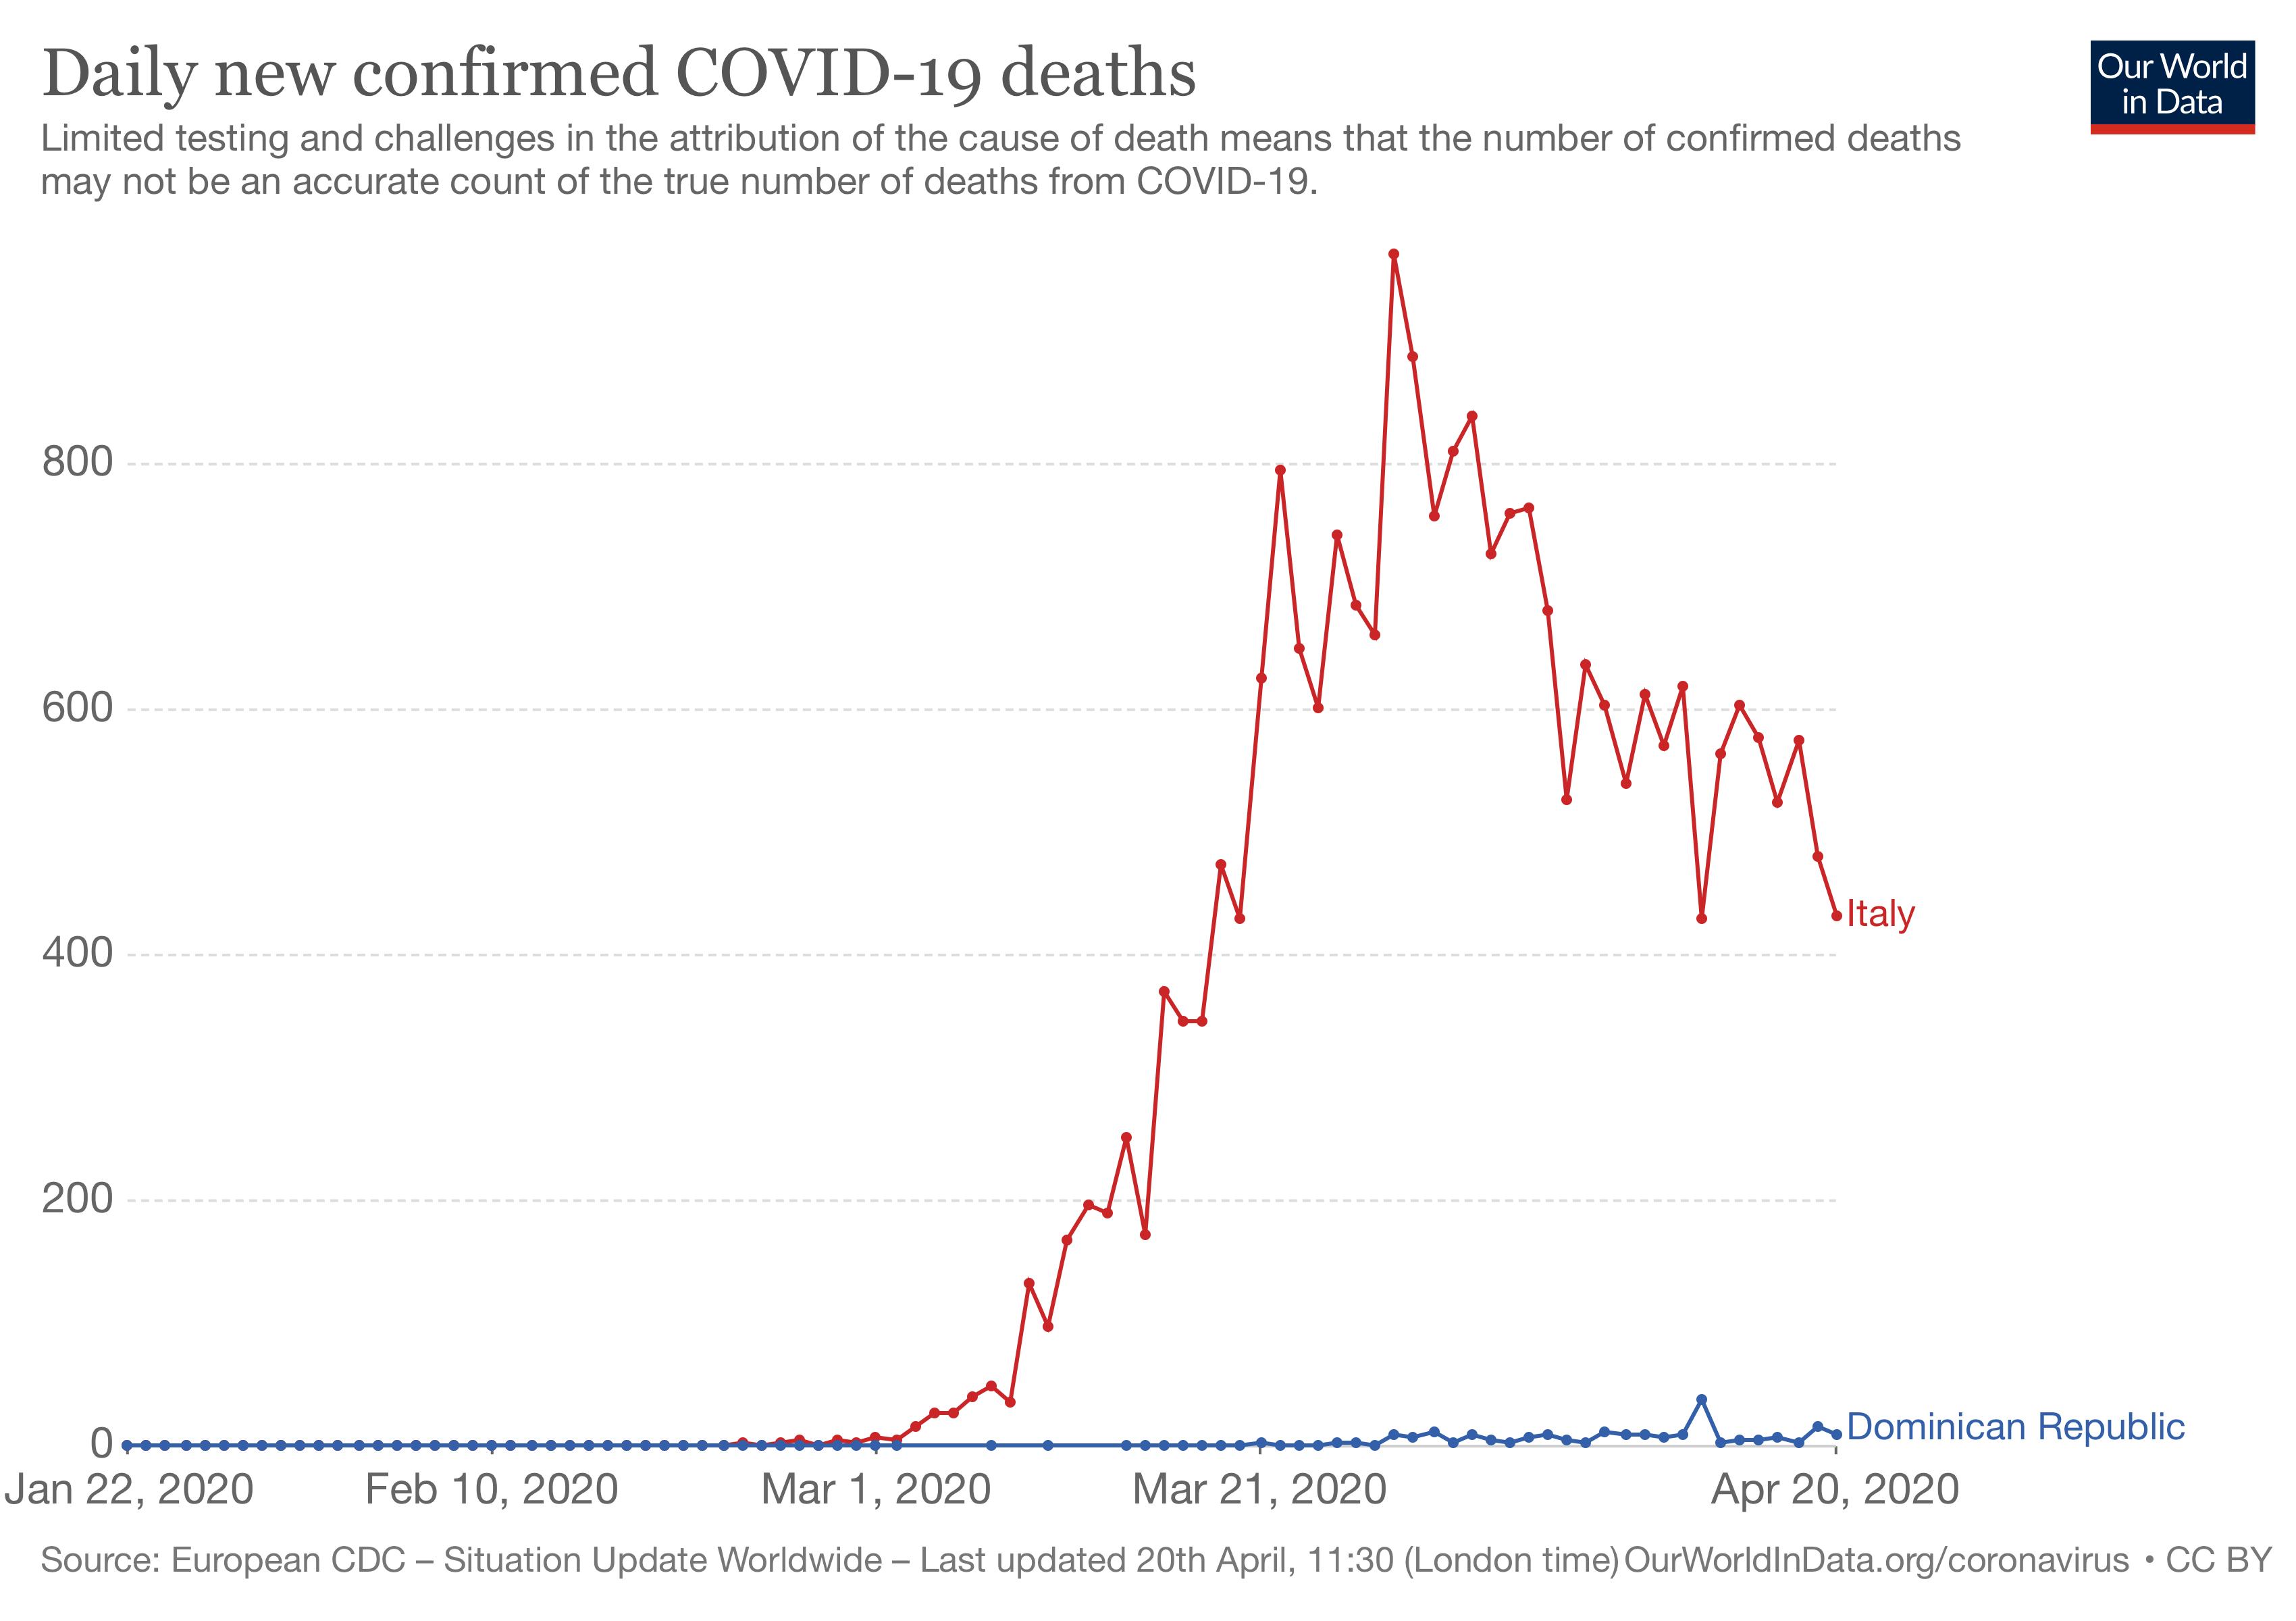 https://ourworldindata.org/coronavirus